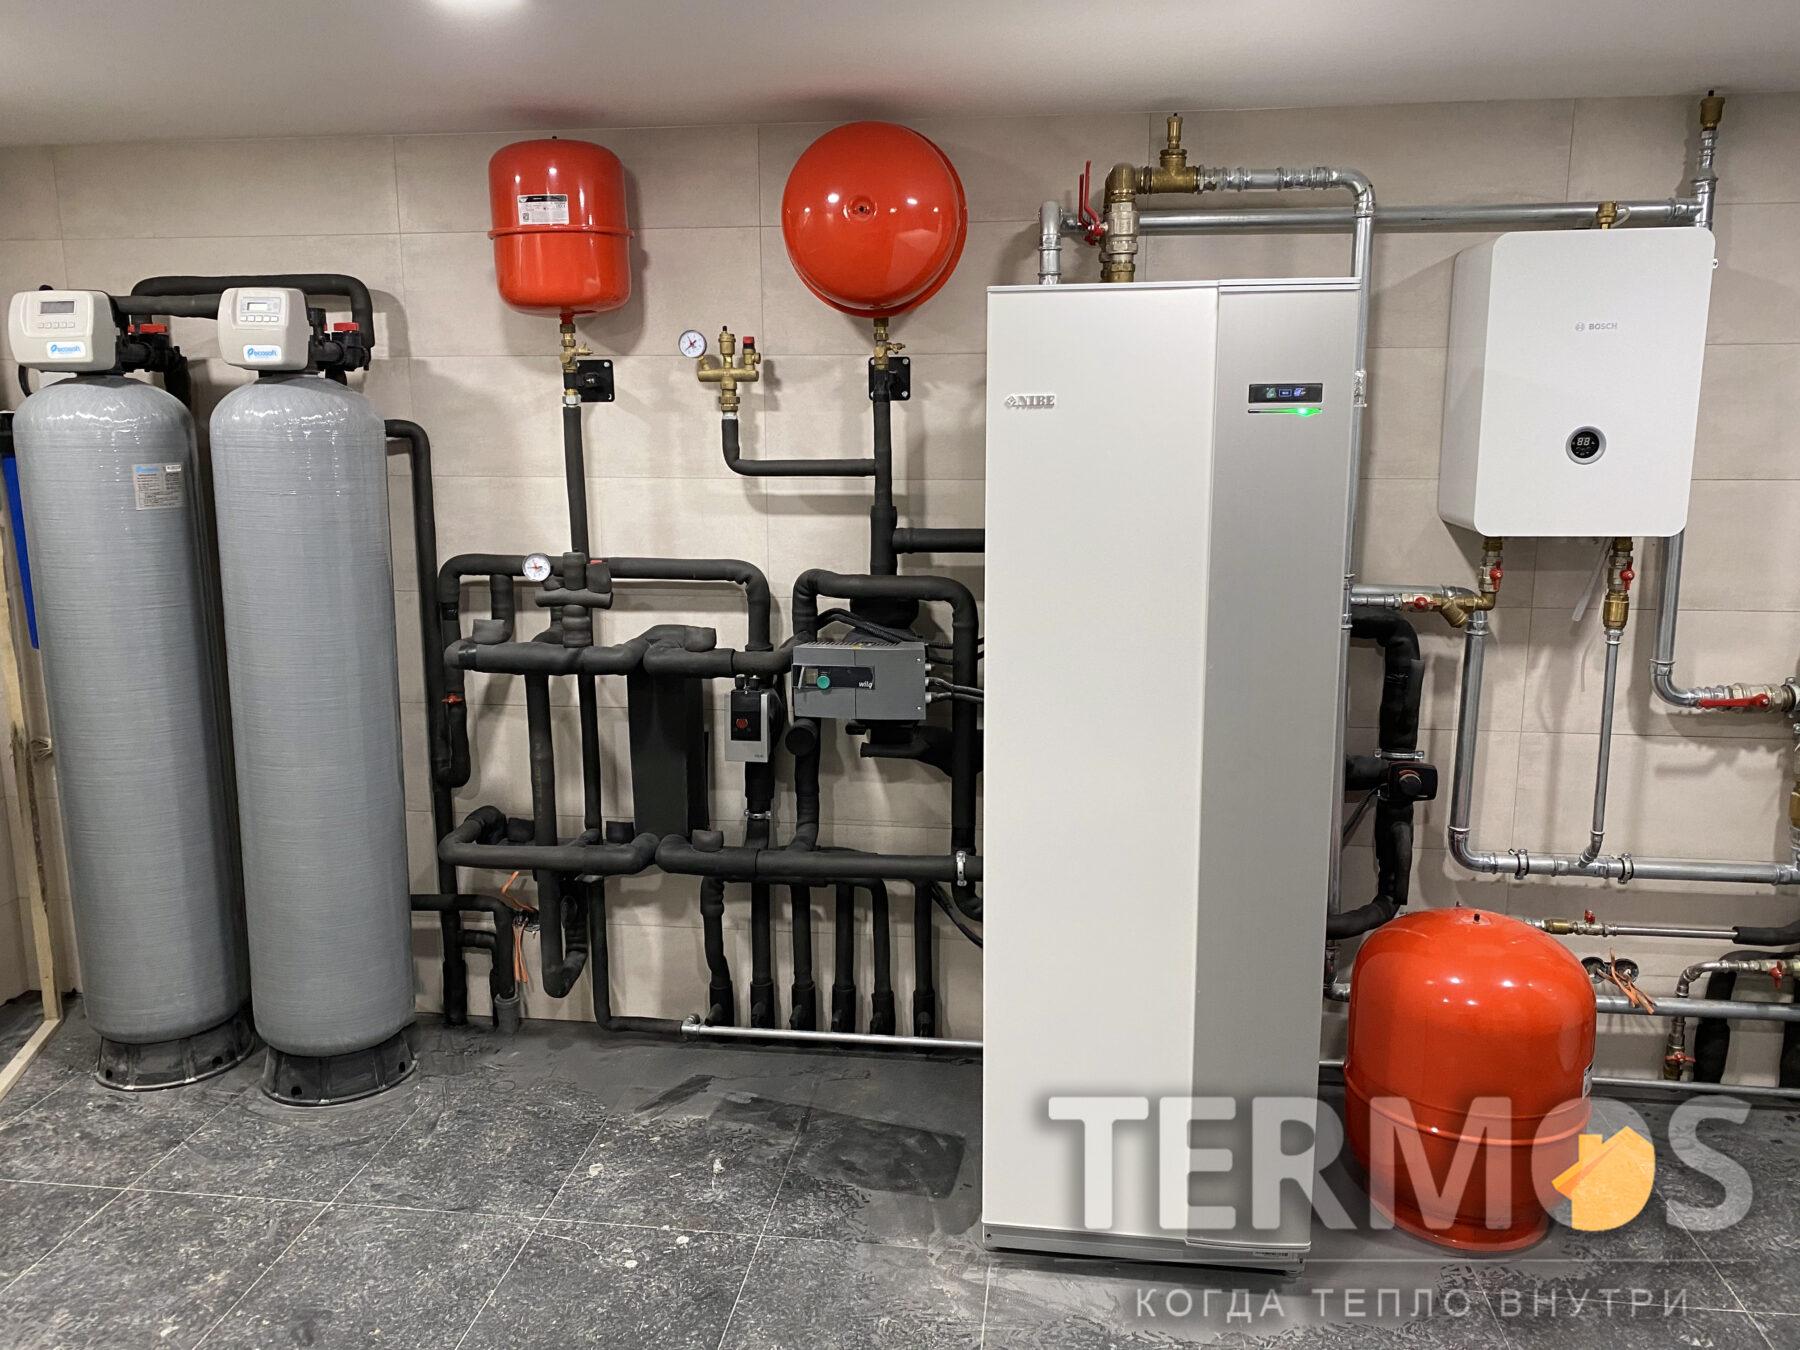 Пассивное охлаждение тепловой насос обеспечивает внешним теплообменником, передавая холод от геотермальных скважин контуру холодных потолков